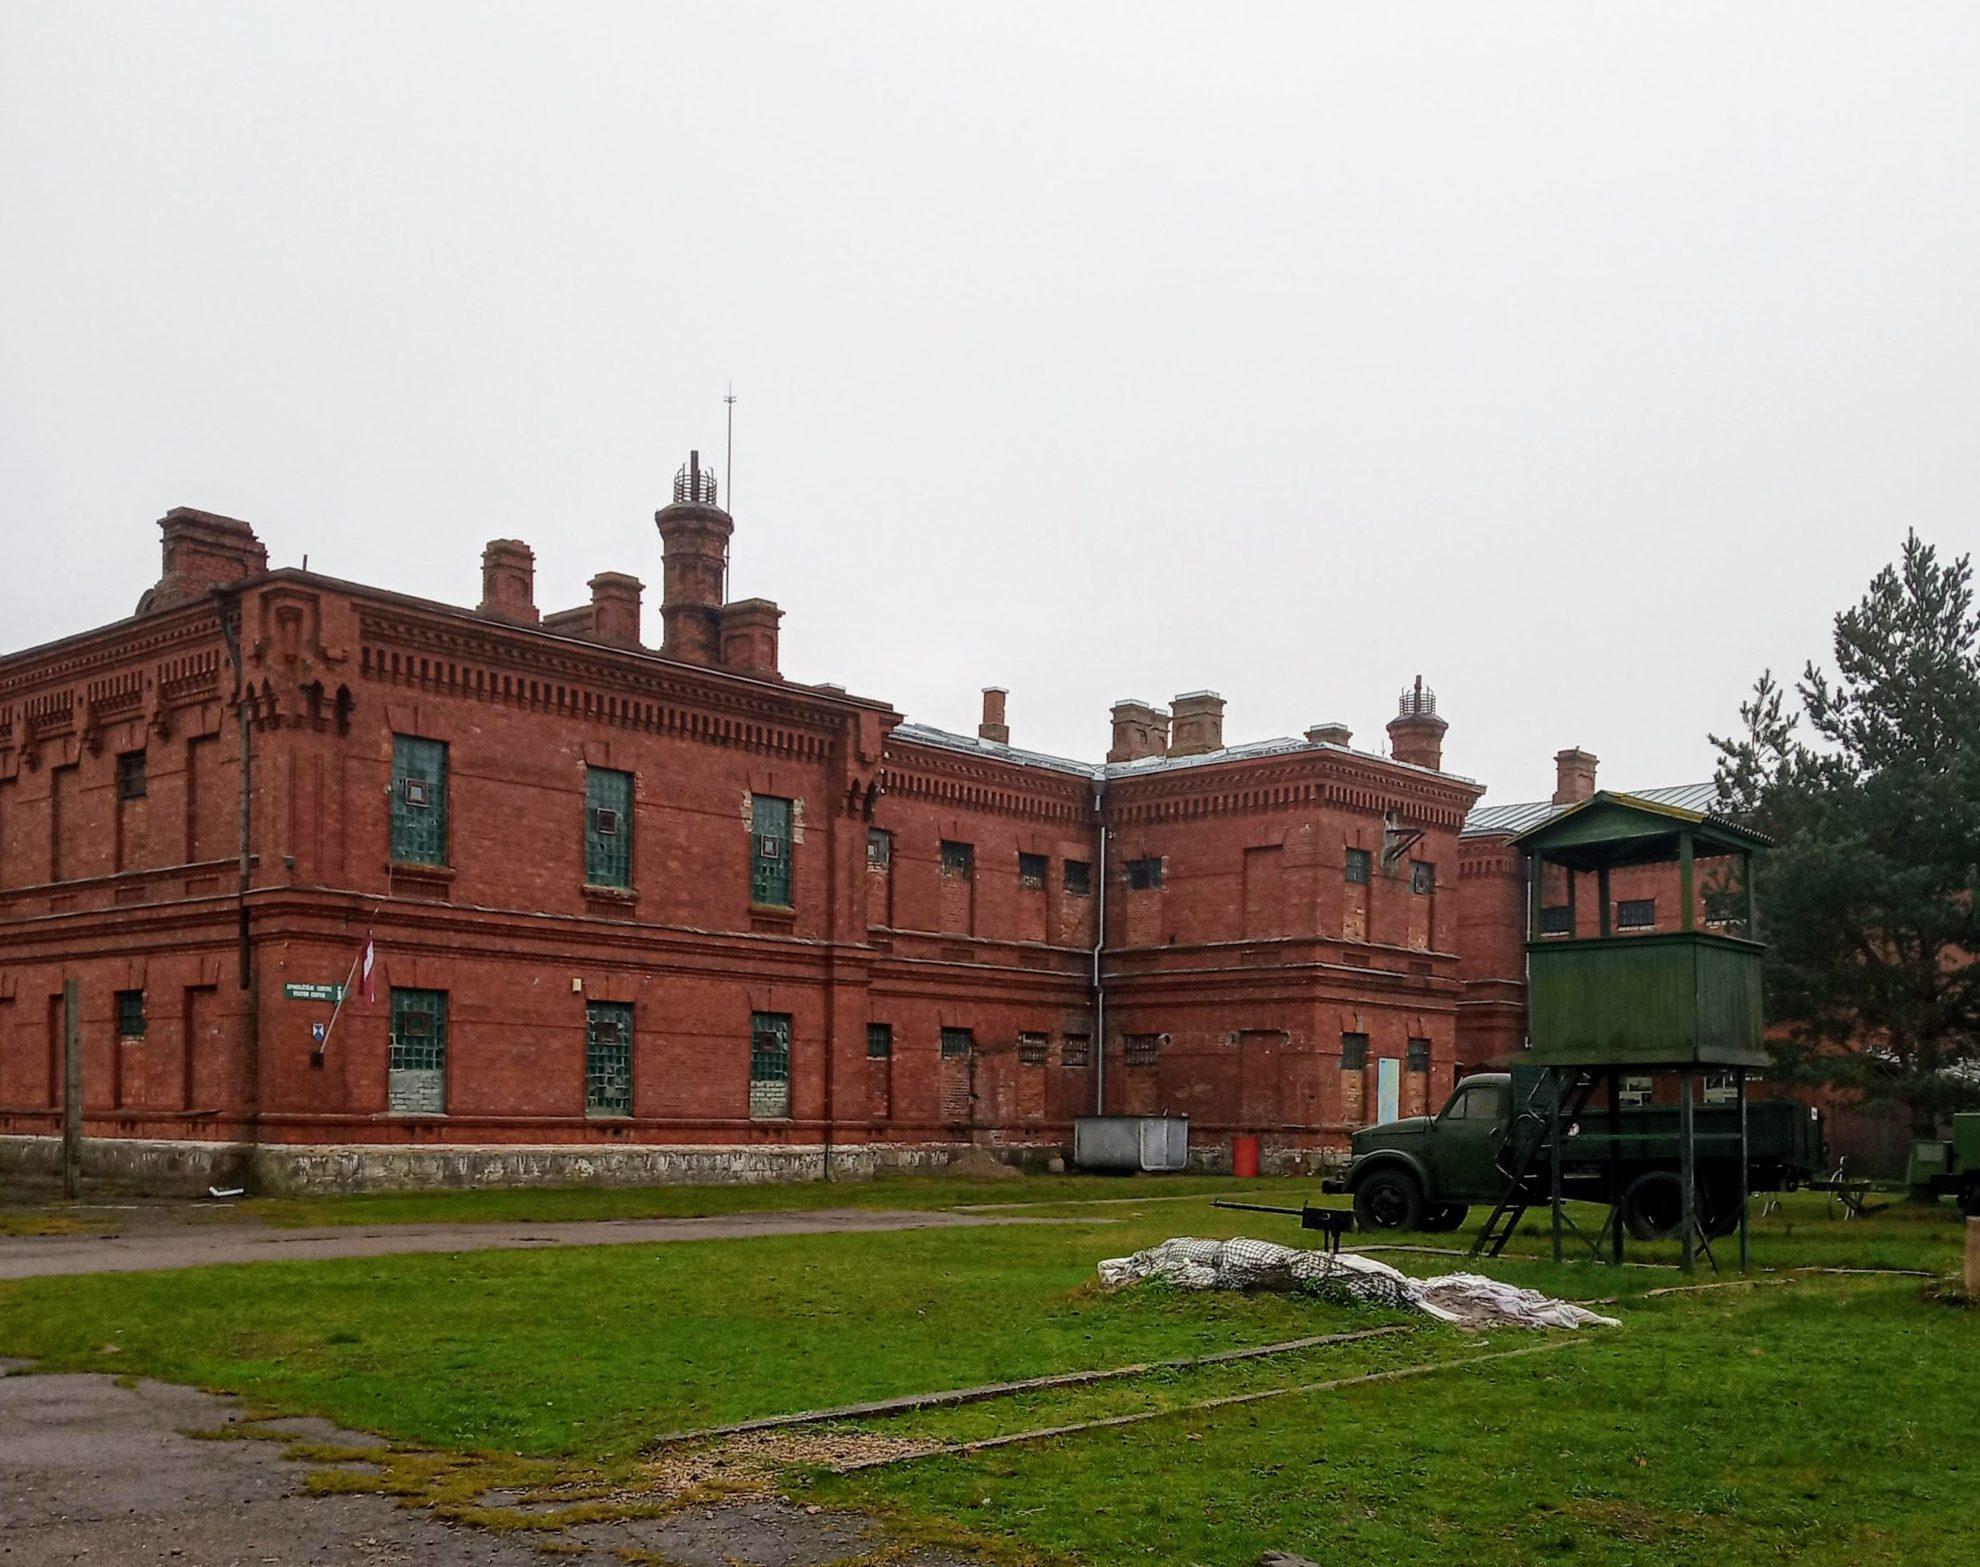 Лиепая, Латвия - город, где рождается ветер. Информация для туристов